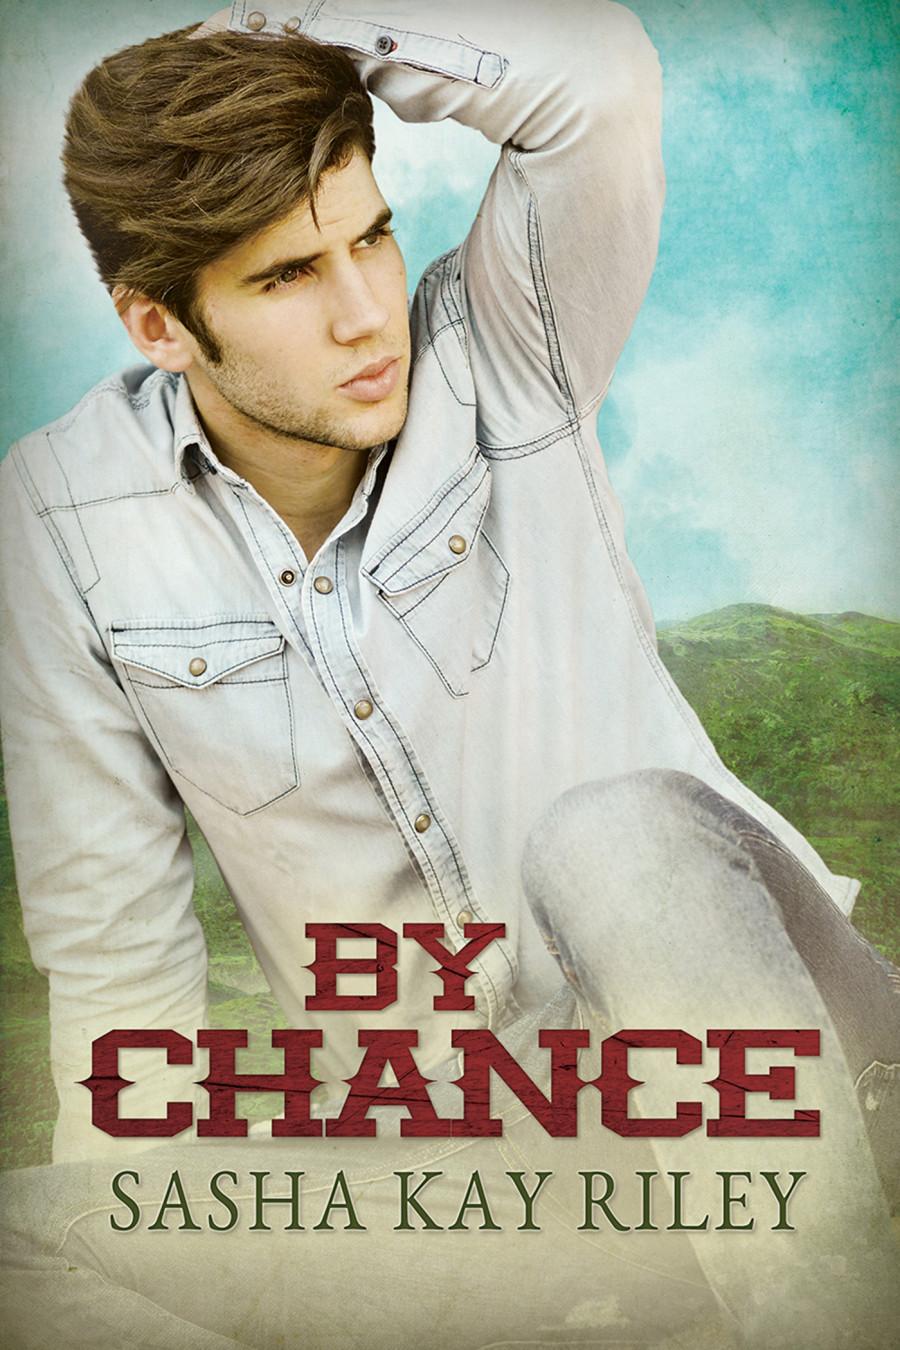 By Chance - Sasha Kay Riley